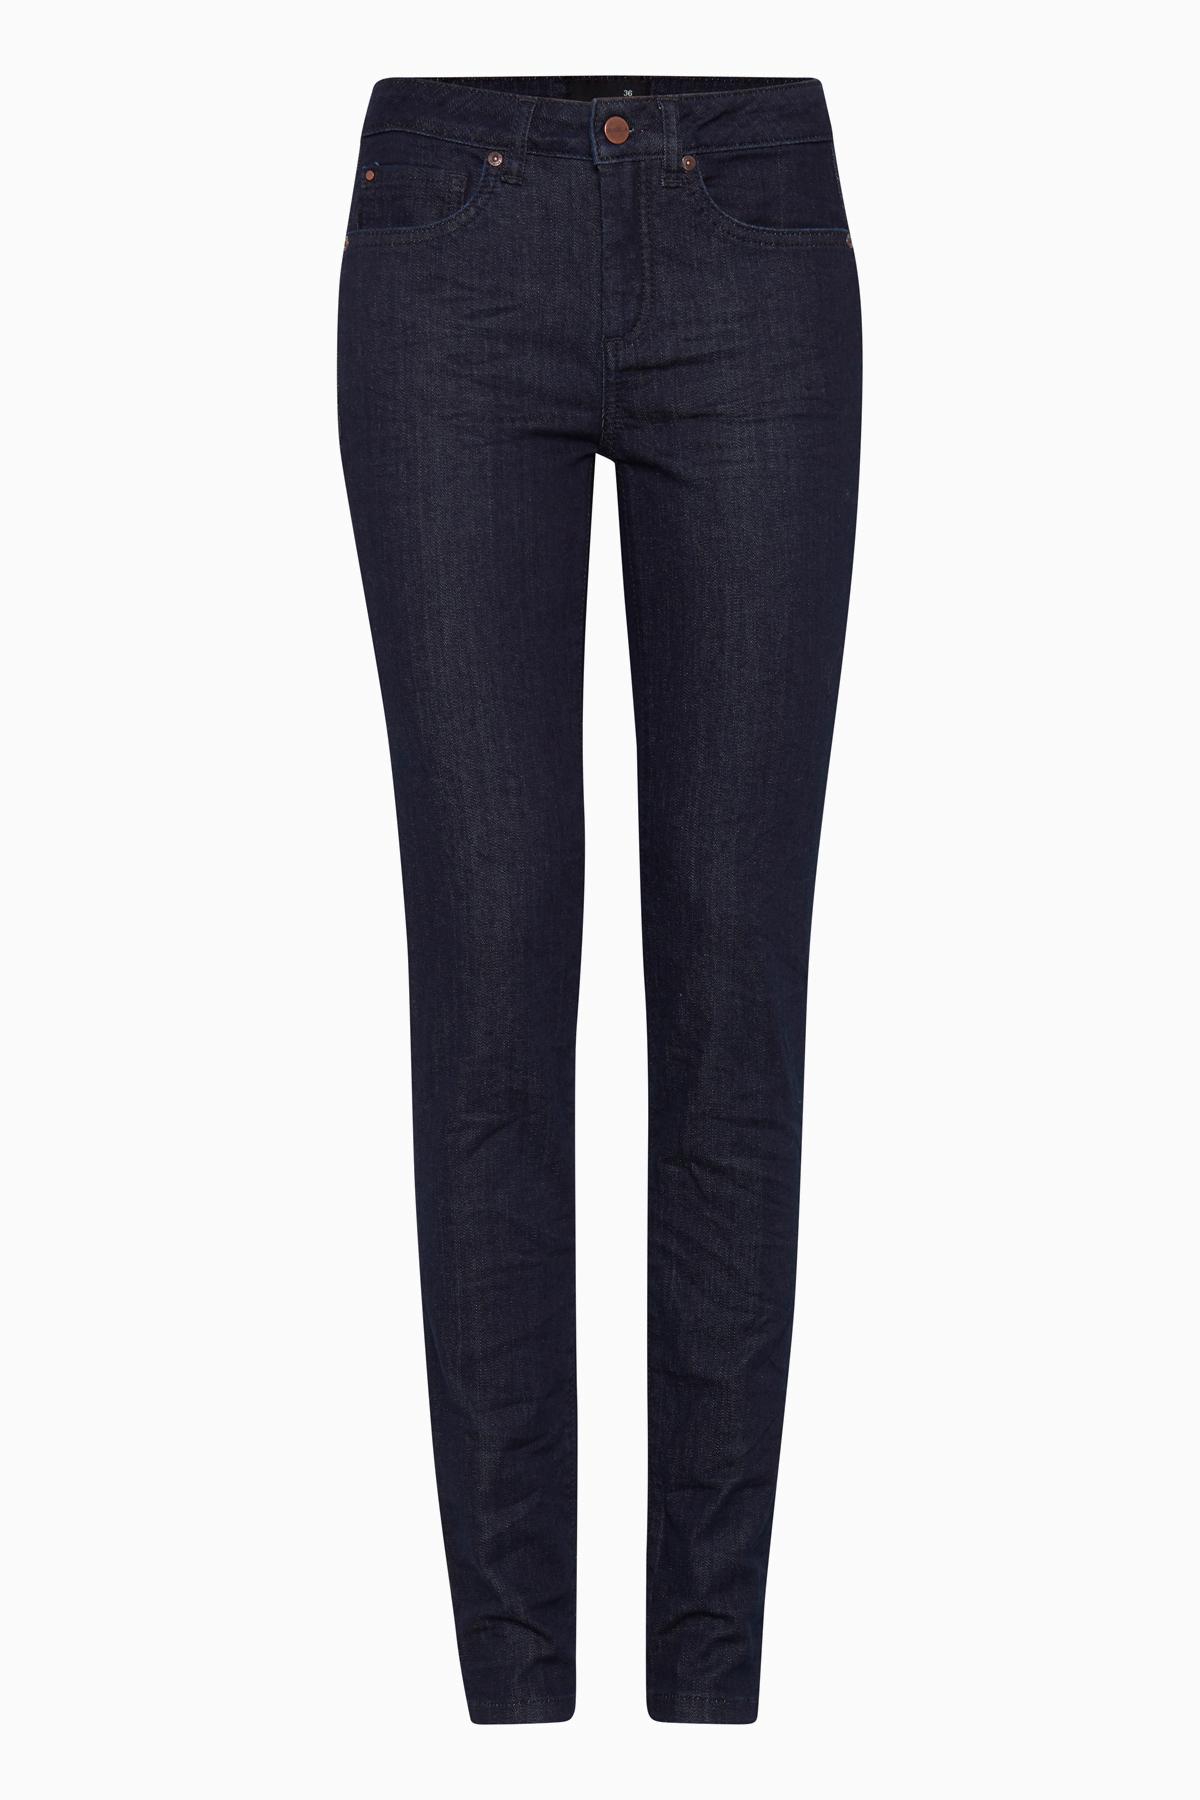 Mörkblå Jeans från Dranella – Köp Mörkblå Jeans från stl. 32-46 här